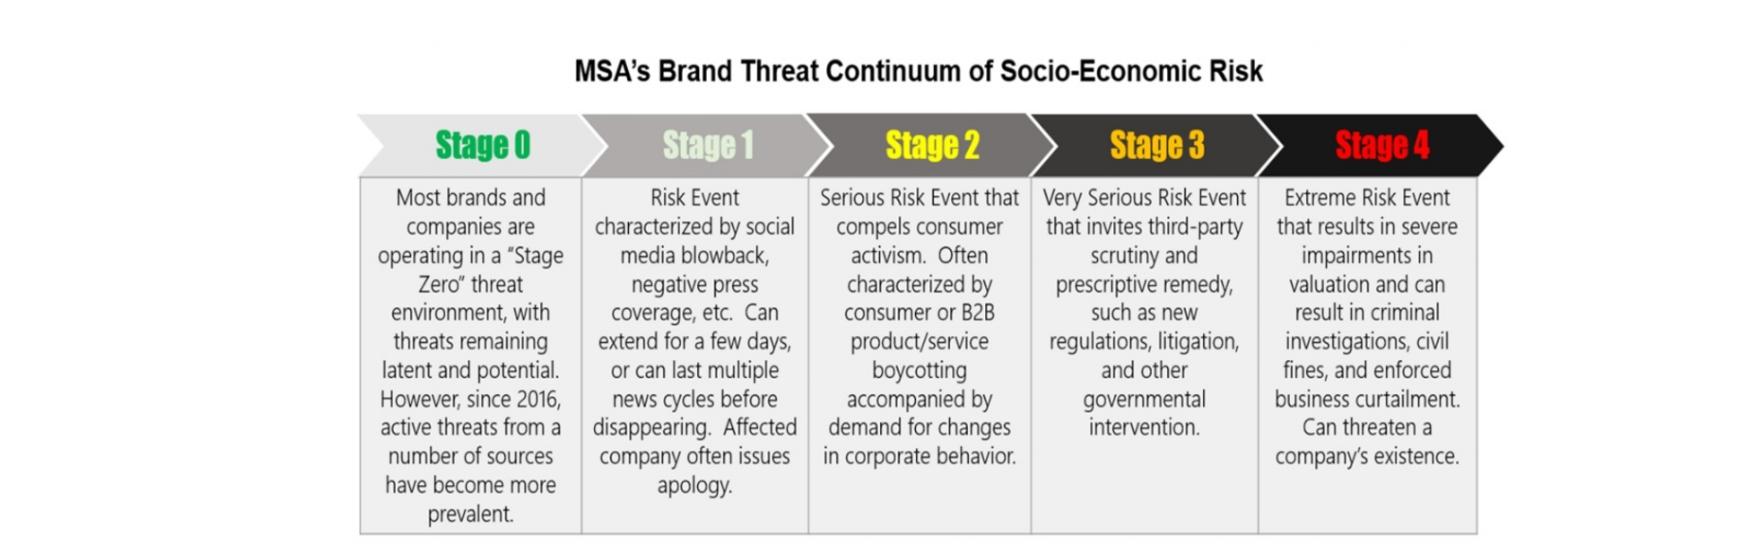 Socio Economic Threat continuum.jpg